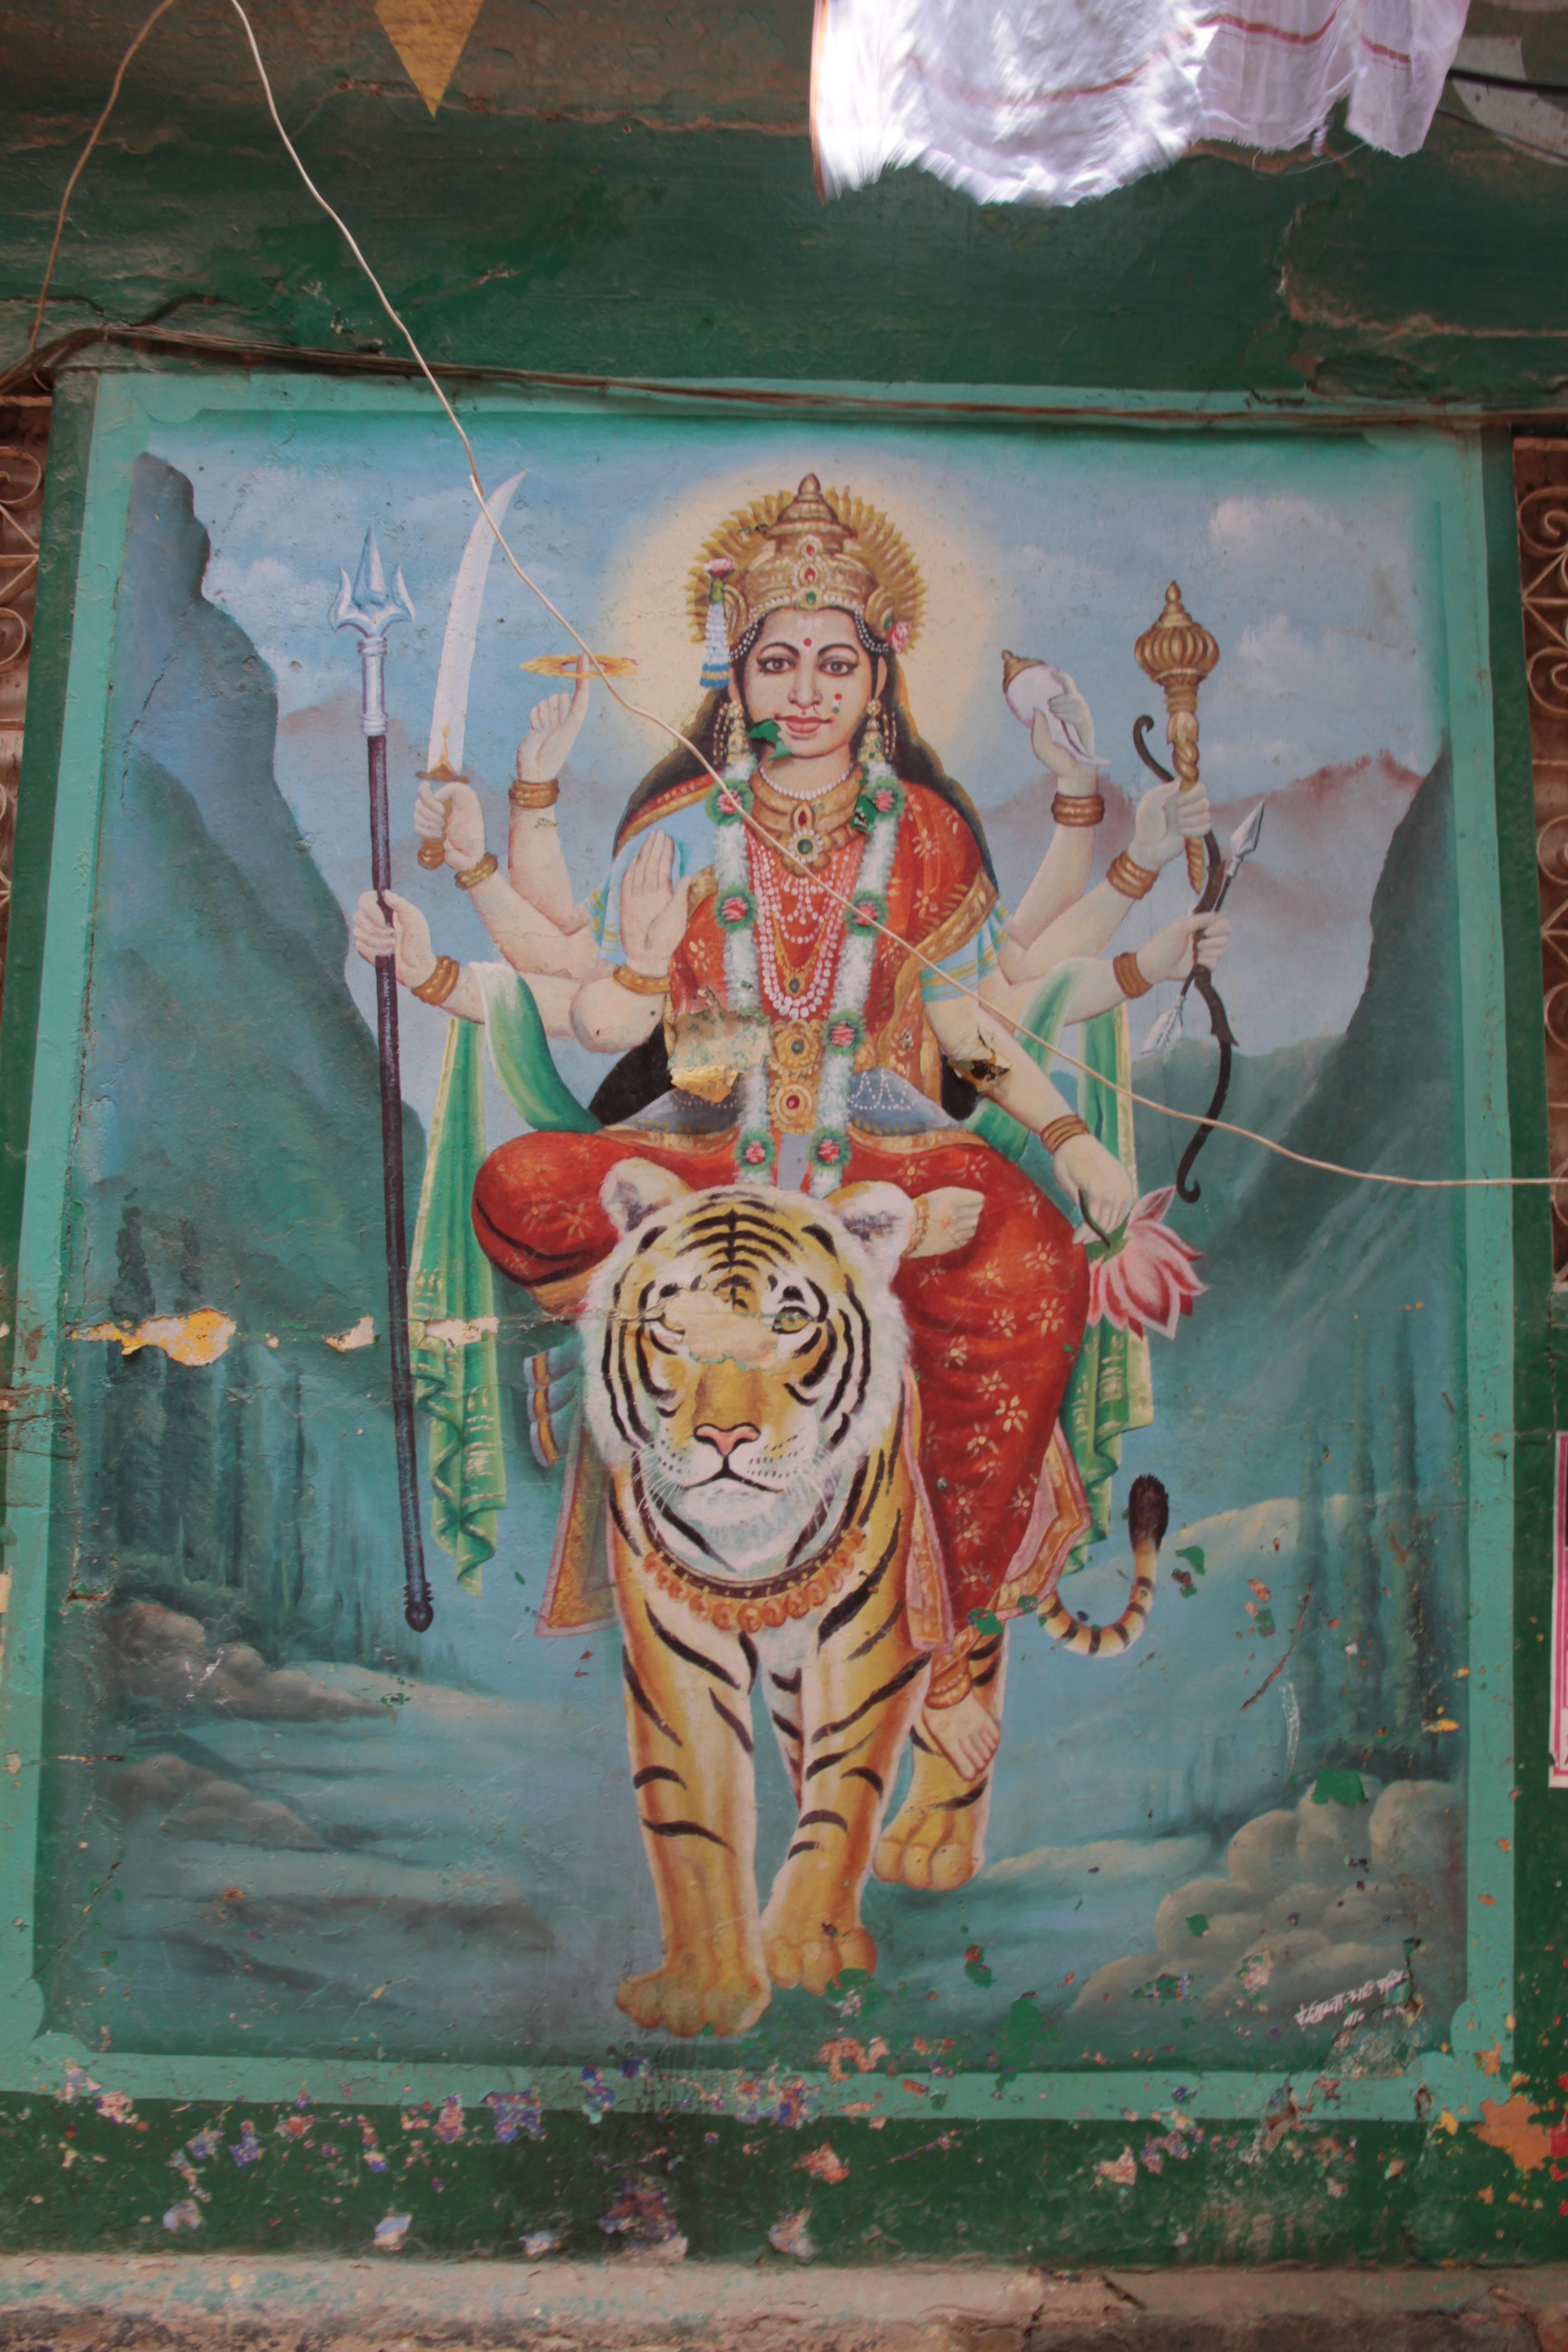 Lakshmi ou Mahalakshmi, la déesse de la fortune épouse de Viṣṇu